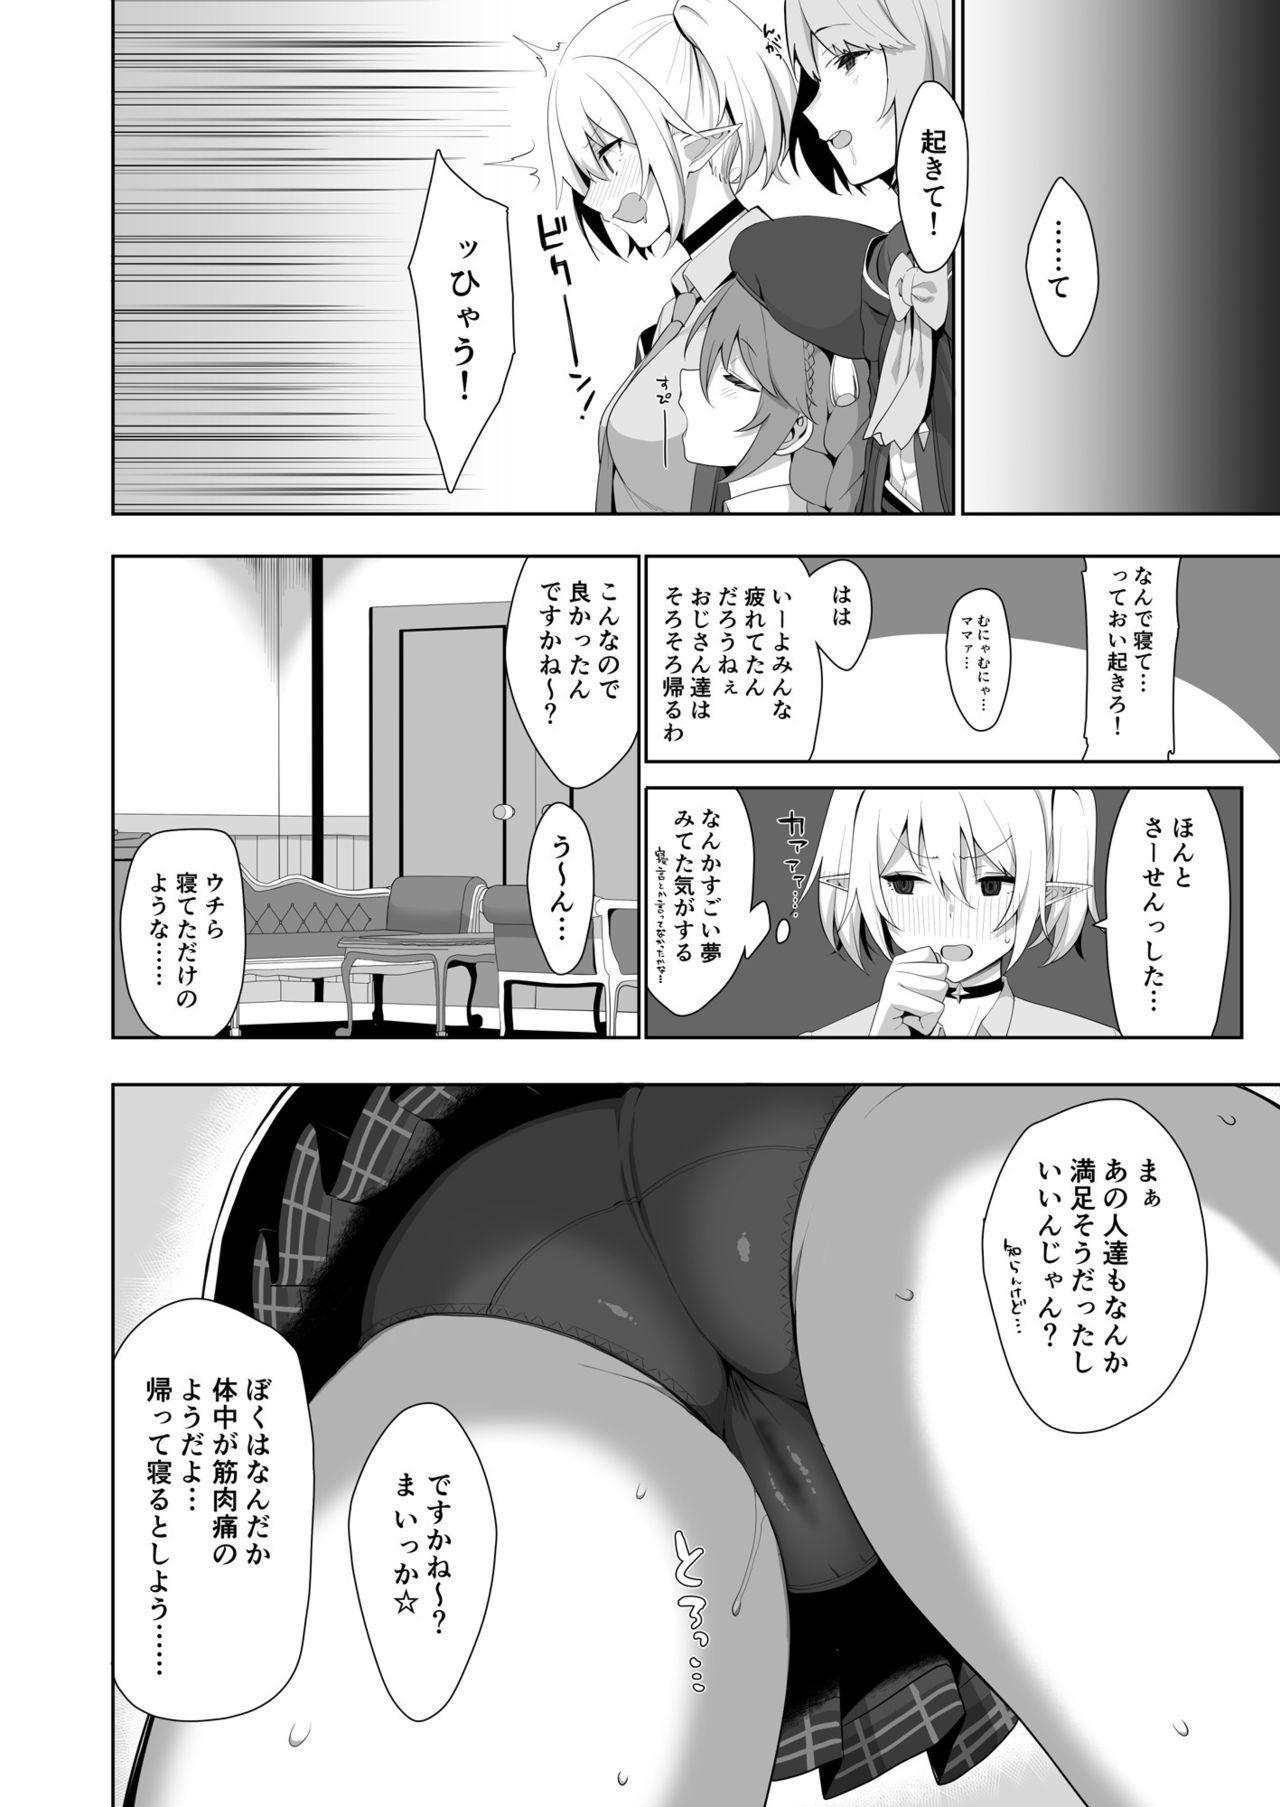 Naka〇shibu Katsudoukiroku 18